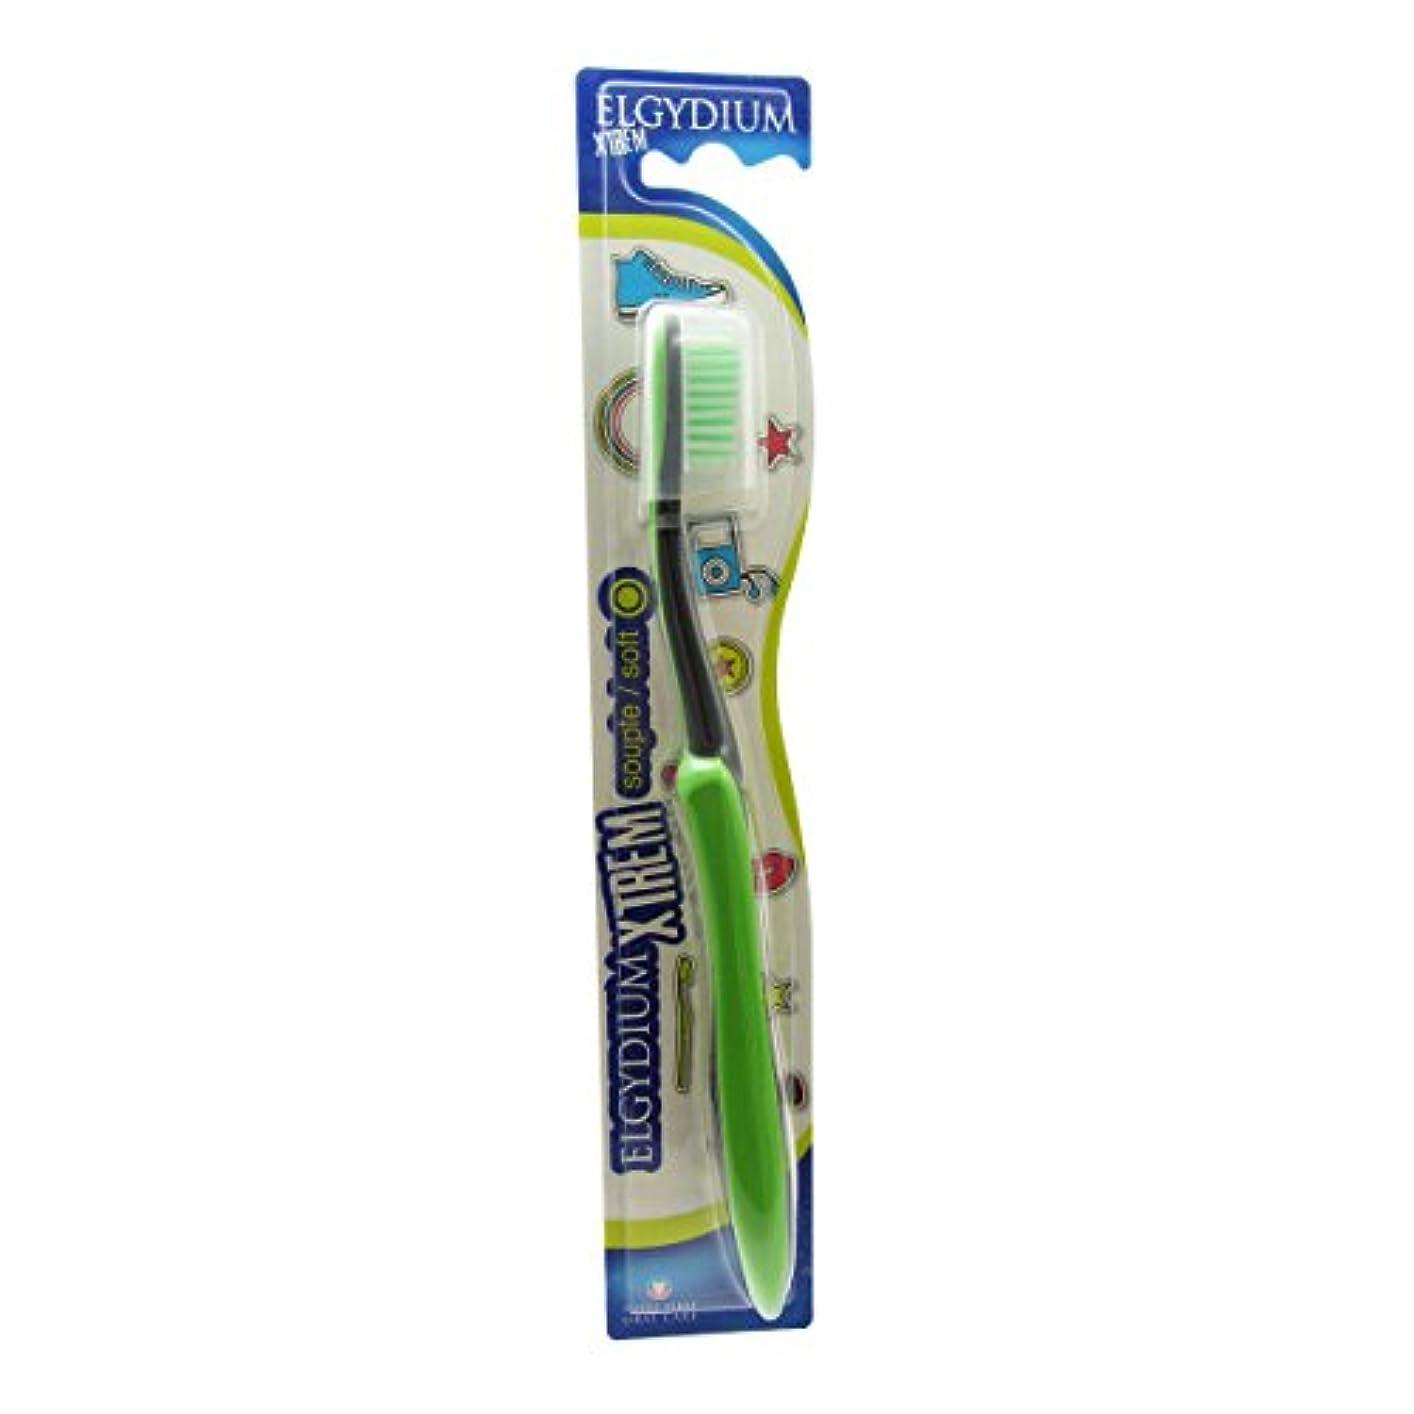 曇った成り立つ飛躍Elgydium Xtrem Toothbrush Soft Hardness [並行輸入品]